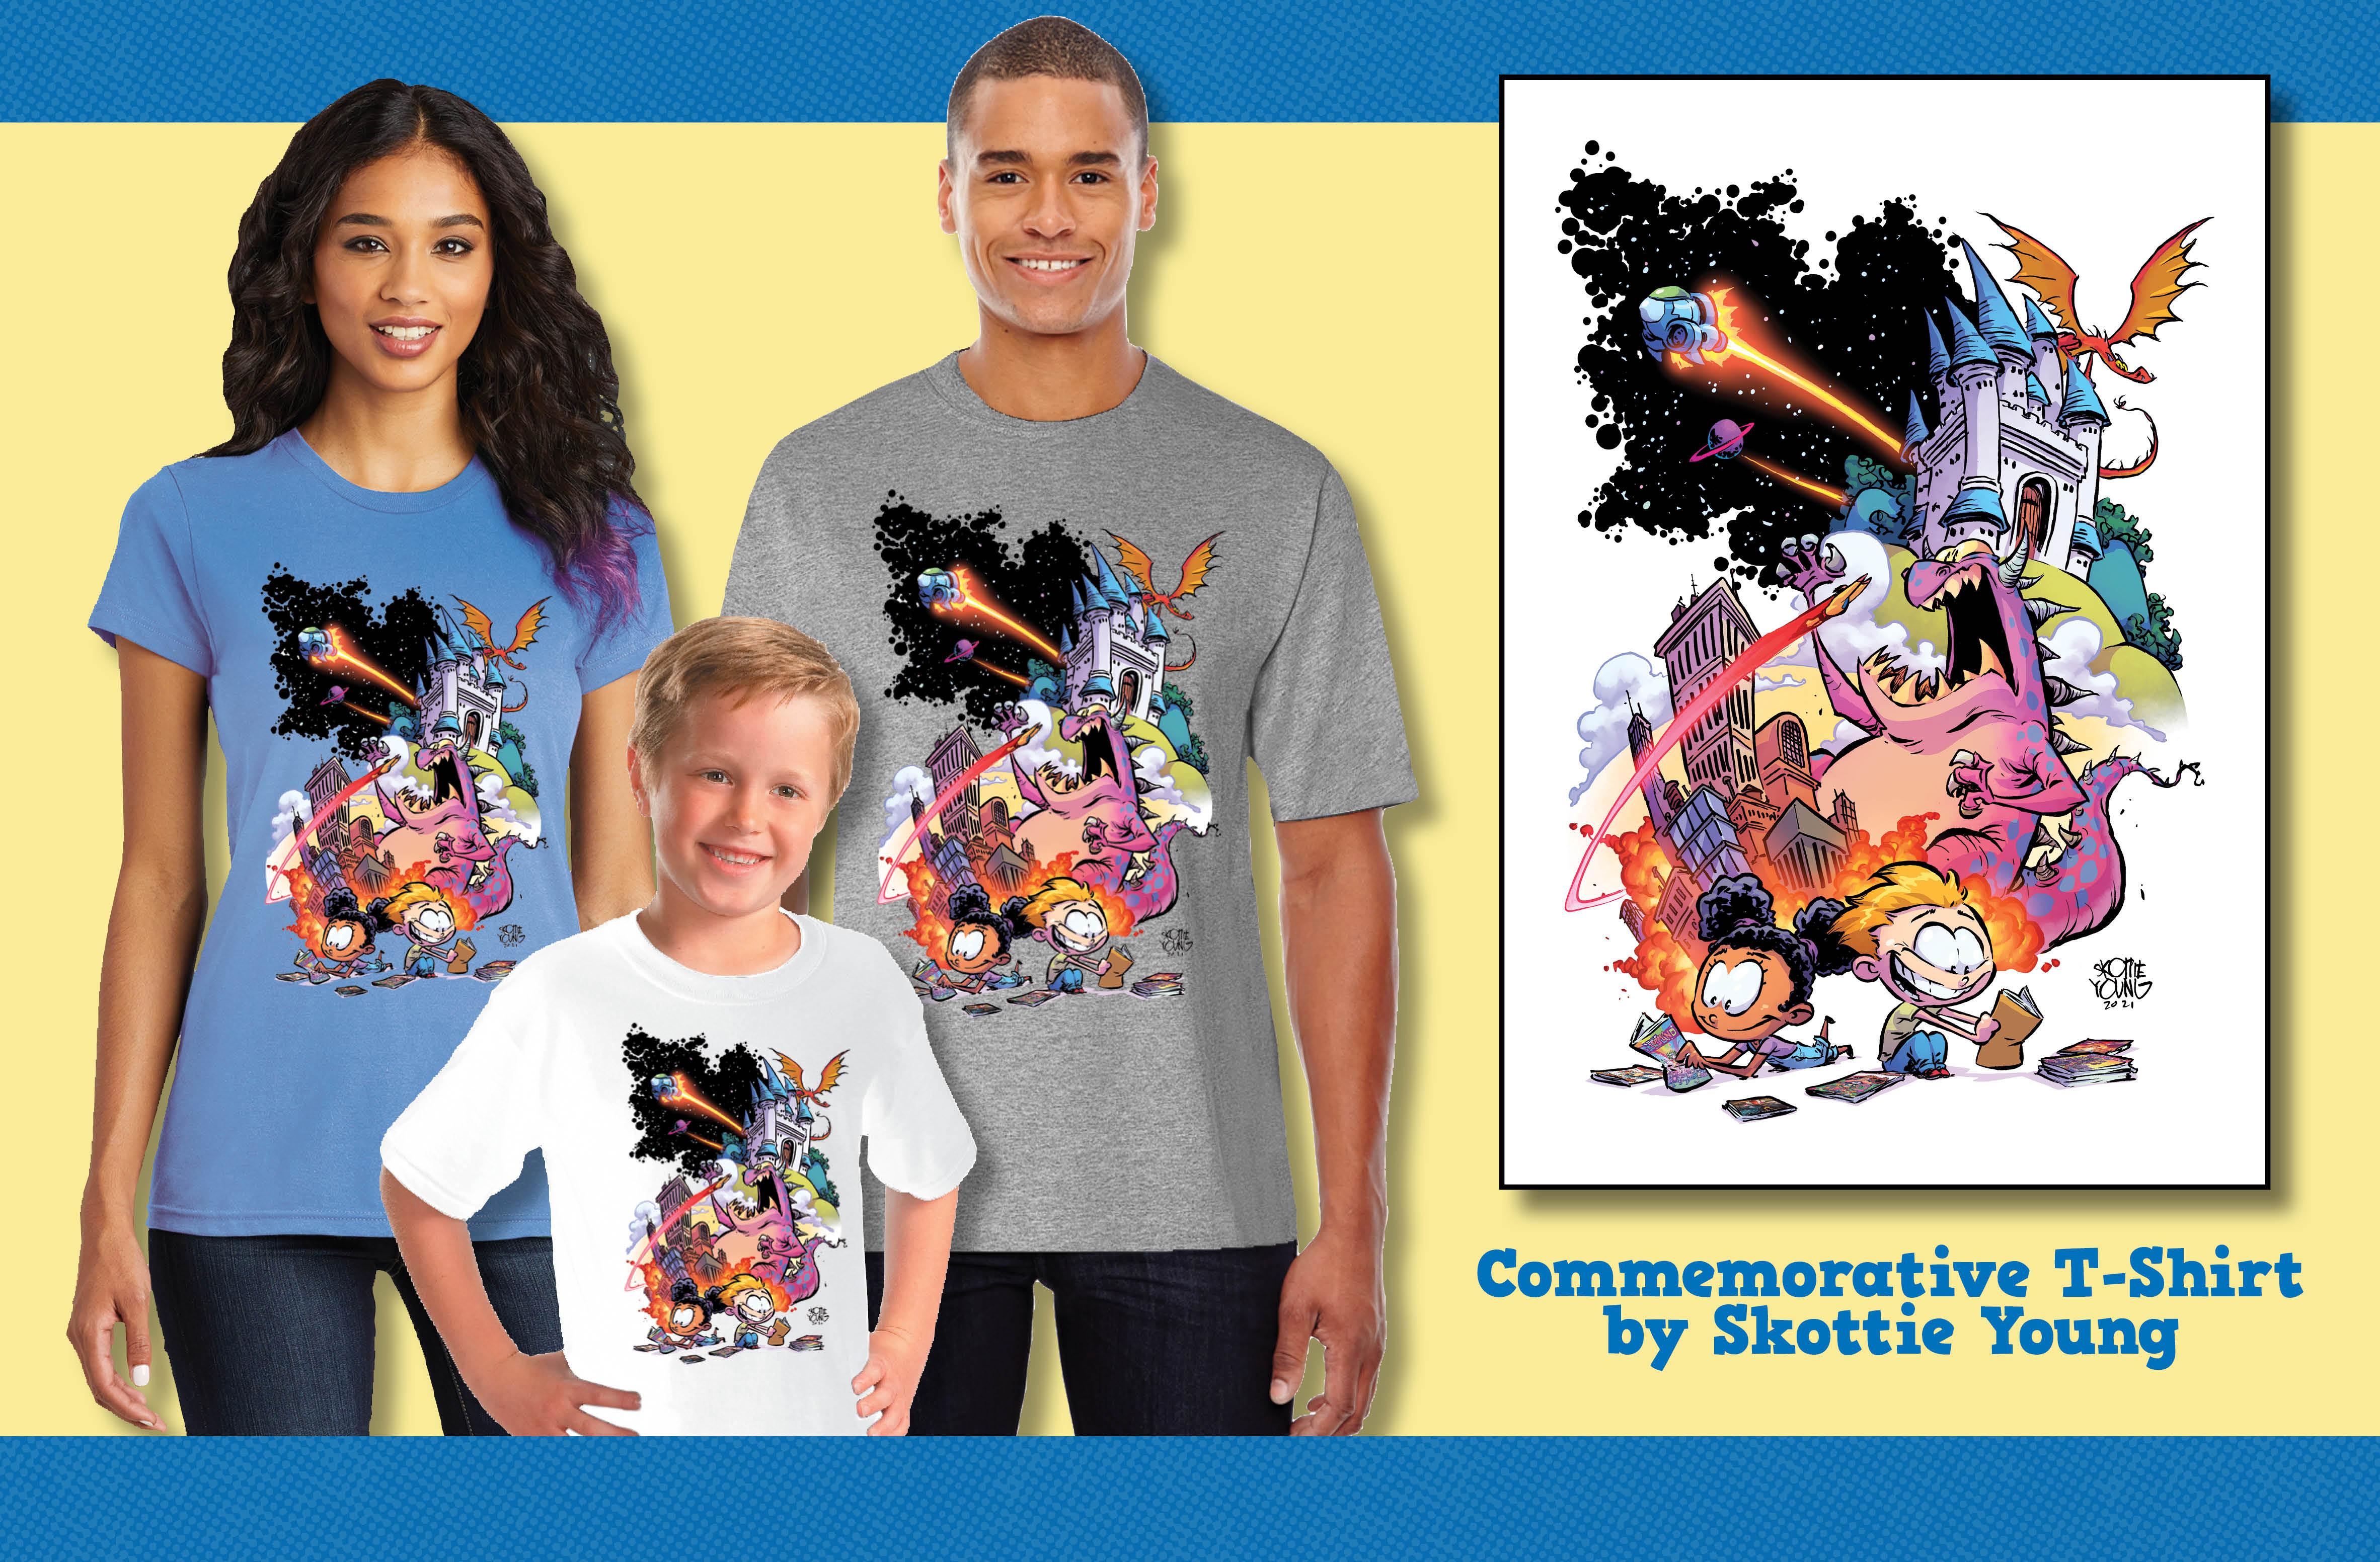 FCBD21-1 Shirts 1135x745.jpg